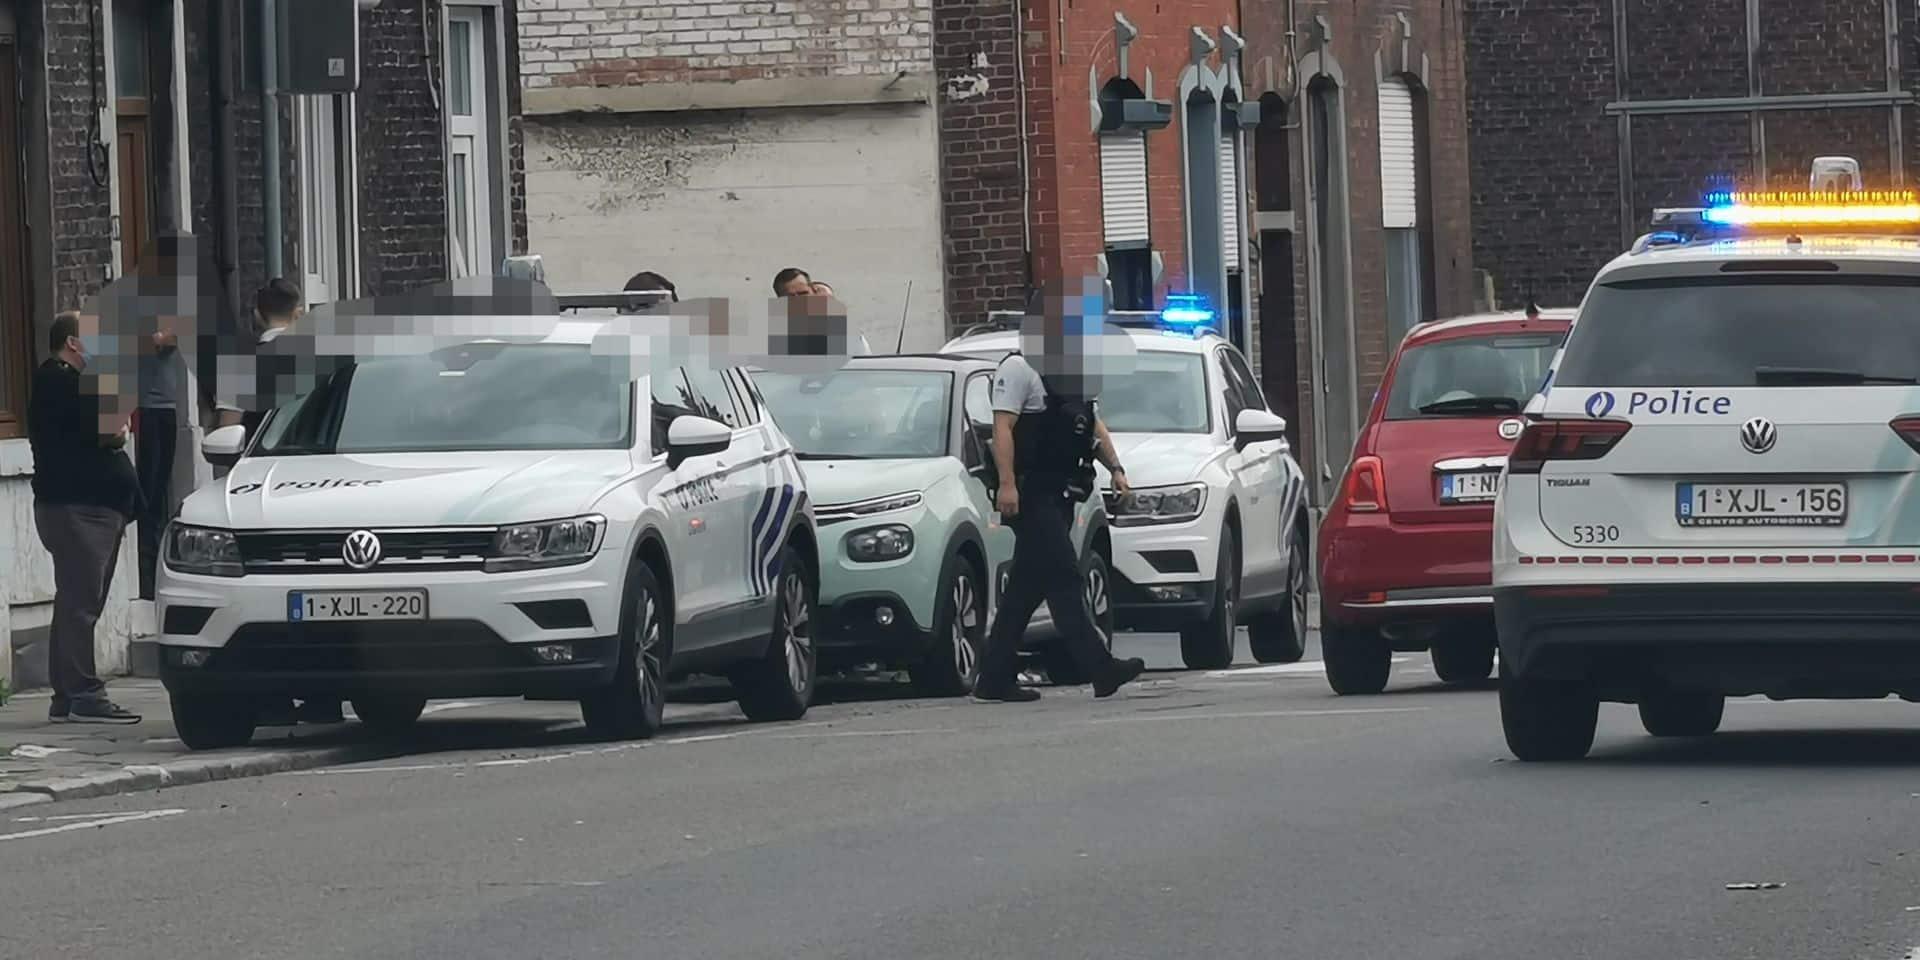 Une jeune fille mineure emmenée à l'hôpital: la police présente en nombre à Gilly